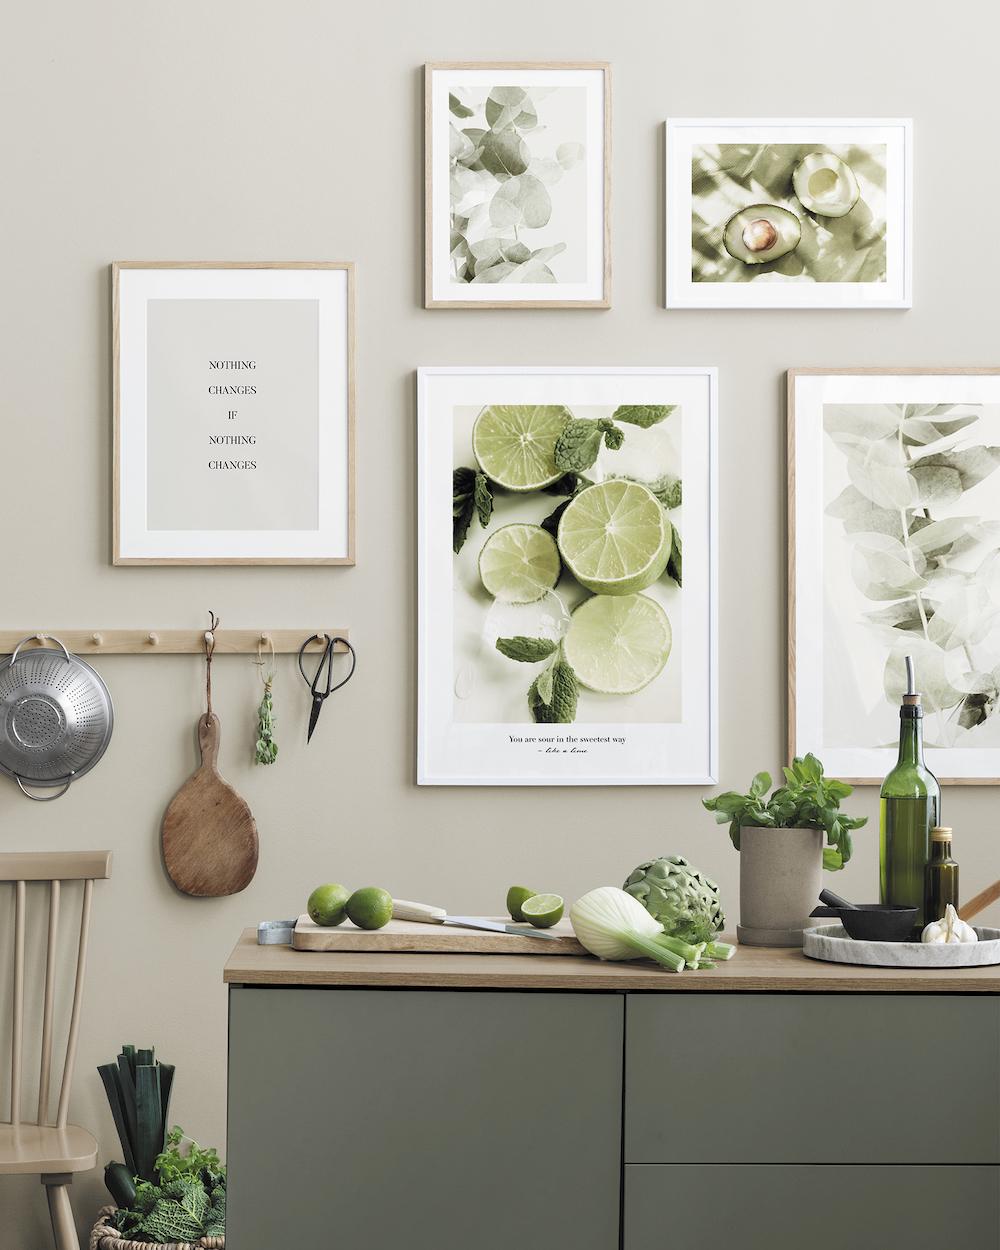 Groene keuken. Keukeninspiratie voor de wand #keuken #inspiratie #keukenidee #posters #groen #desenio